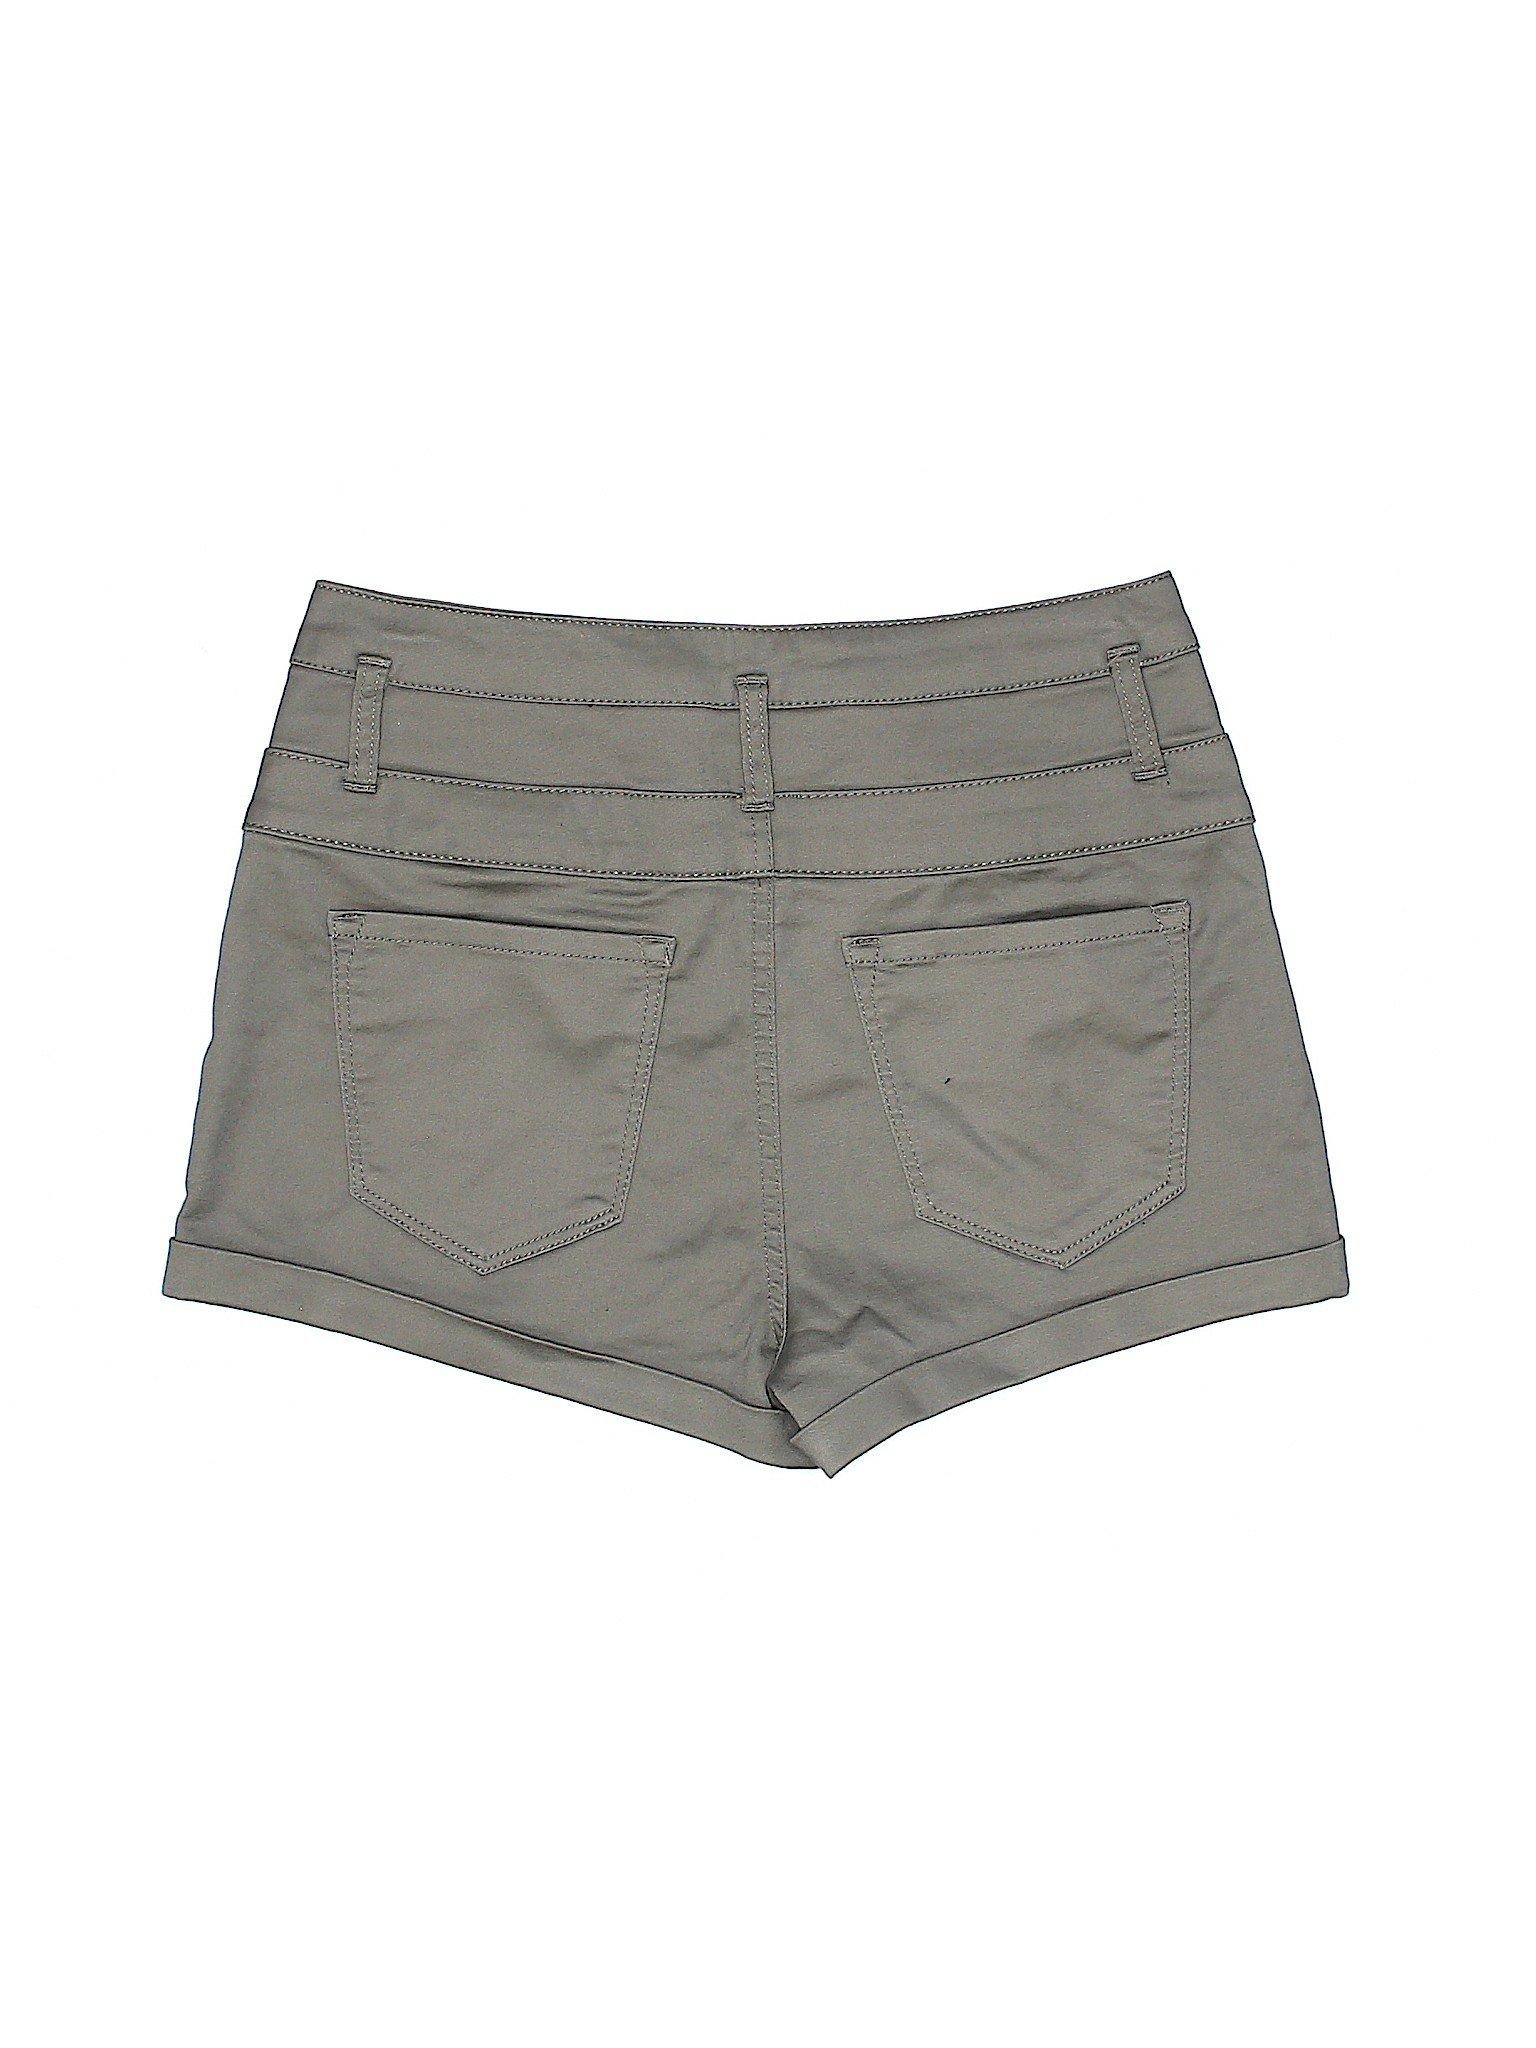 Boutique Khaki Boutique Refuge Shorts Refuge Khaki Bz5qOE